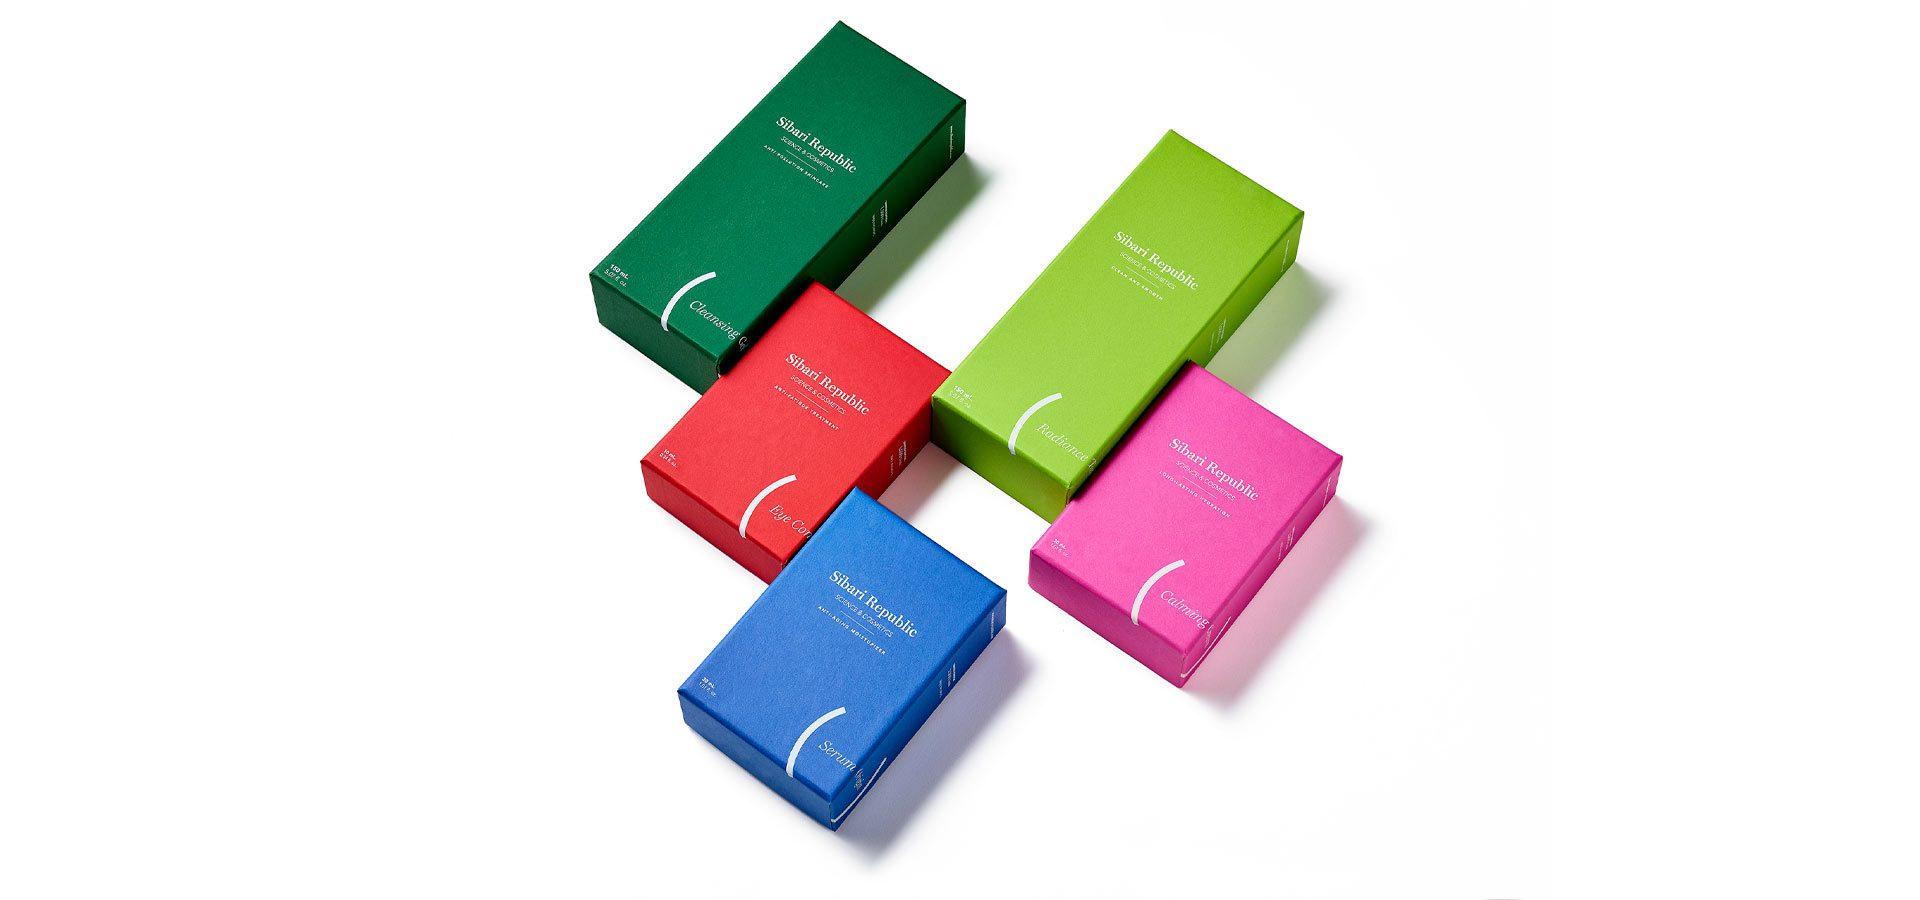 sibari republic productos cosmetica colores